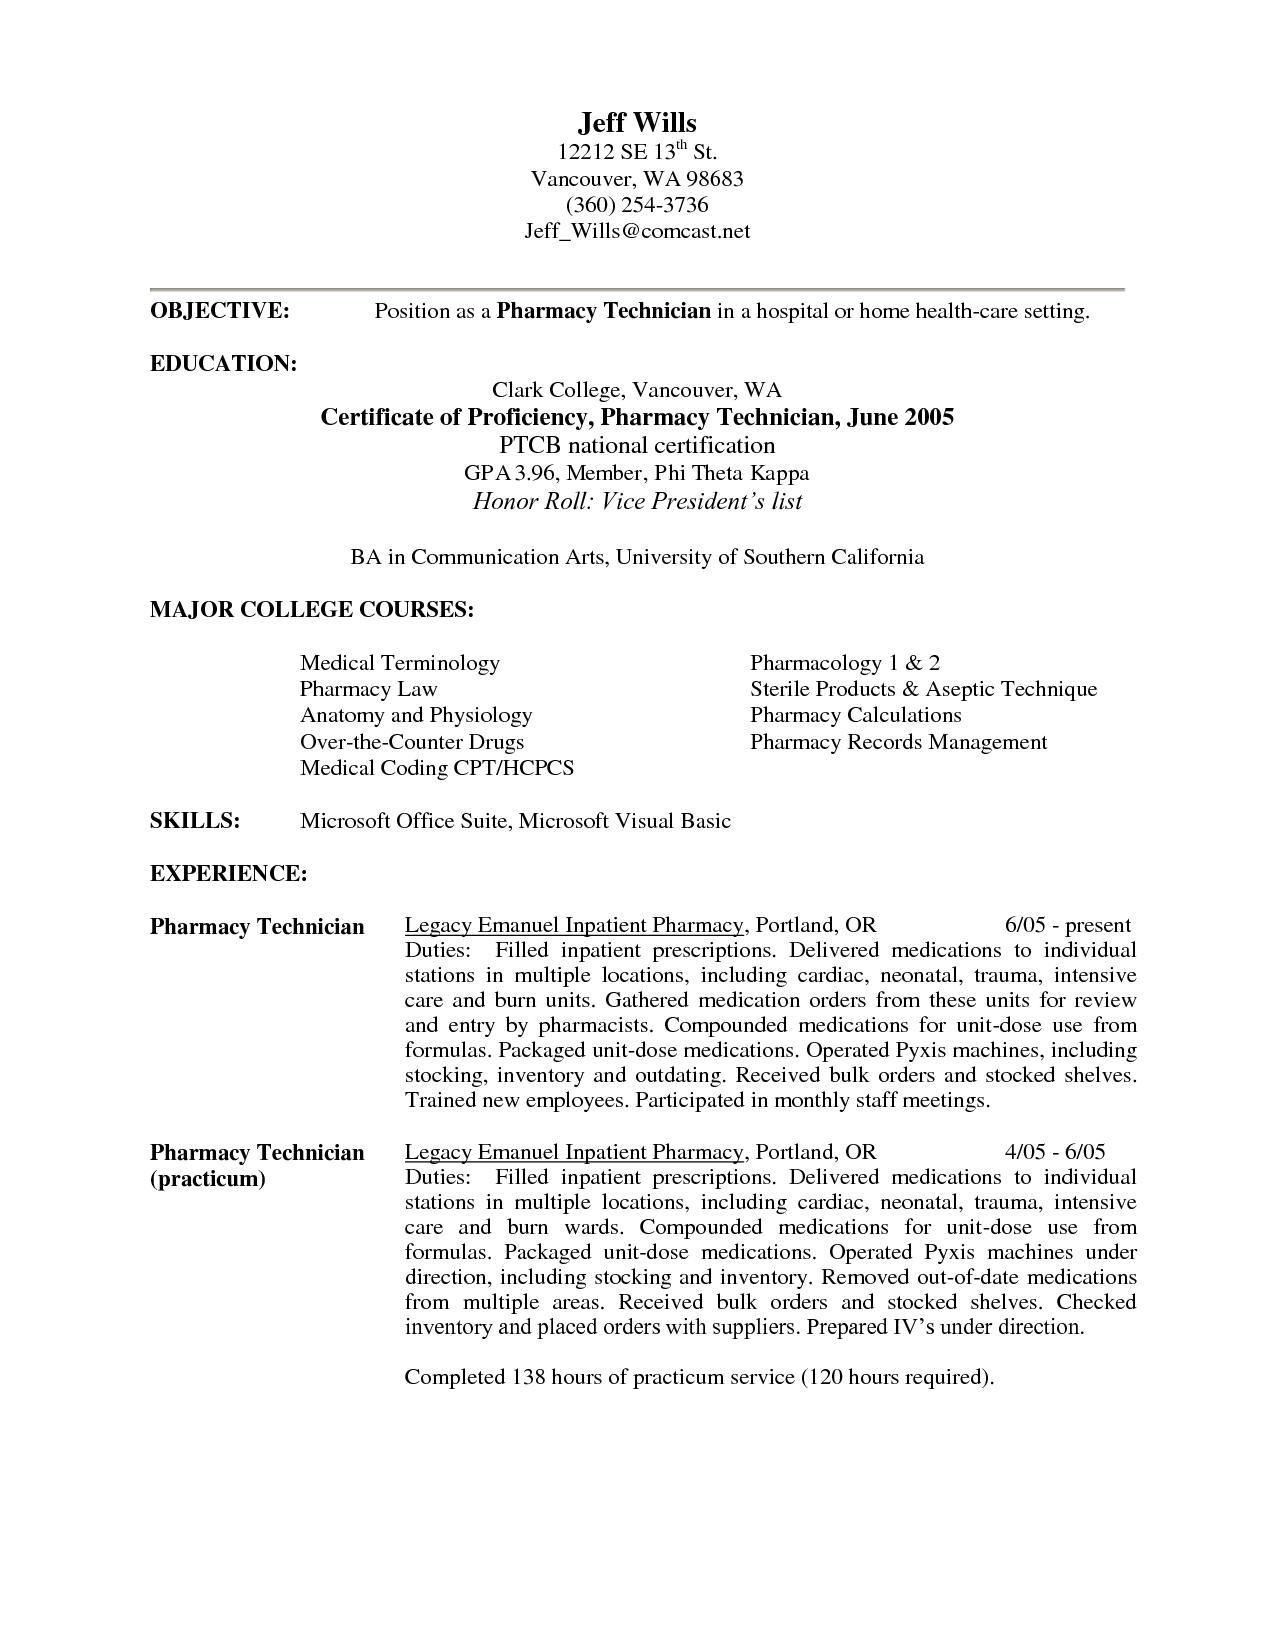 Sample Pharmacy Technician Resume - Resume Sample